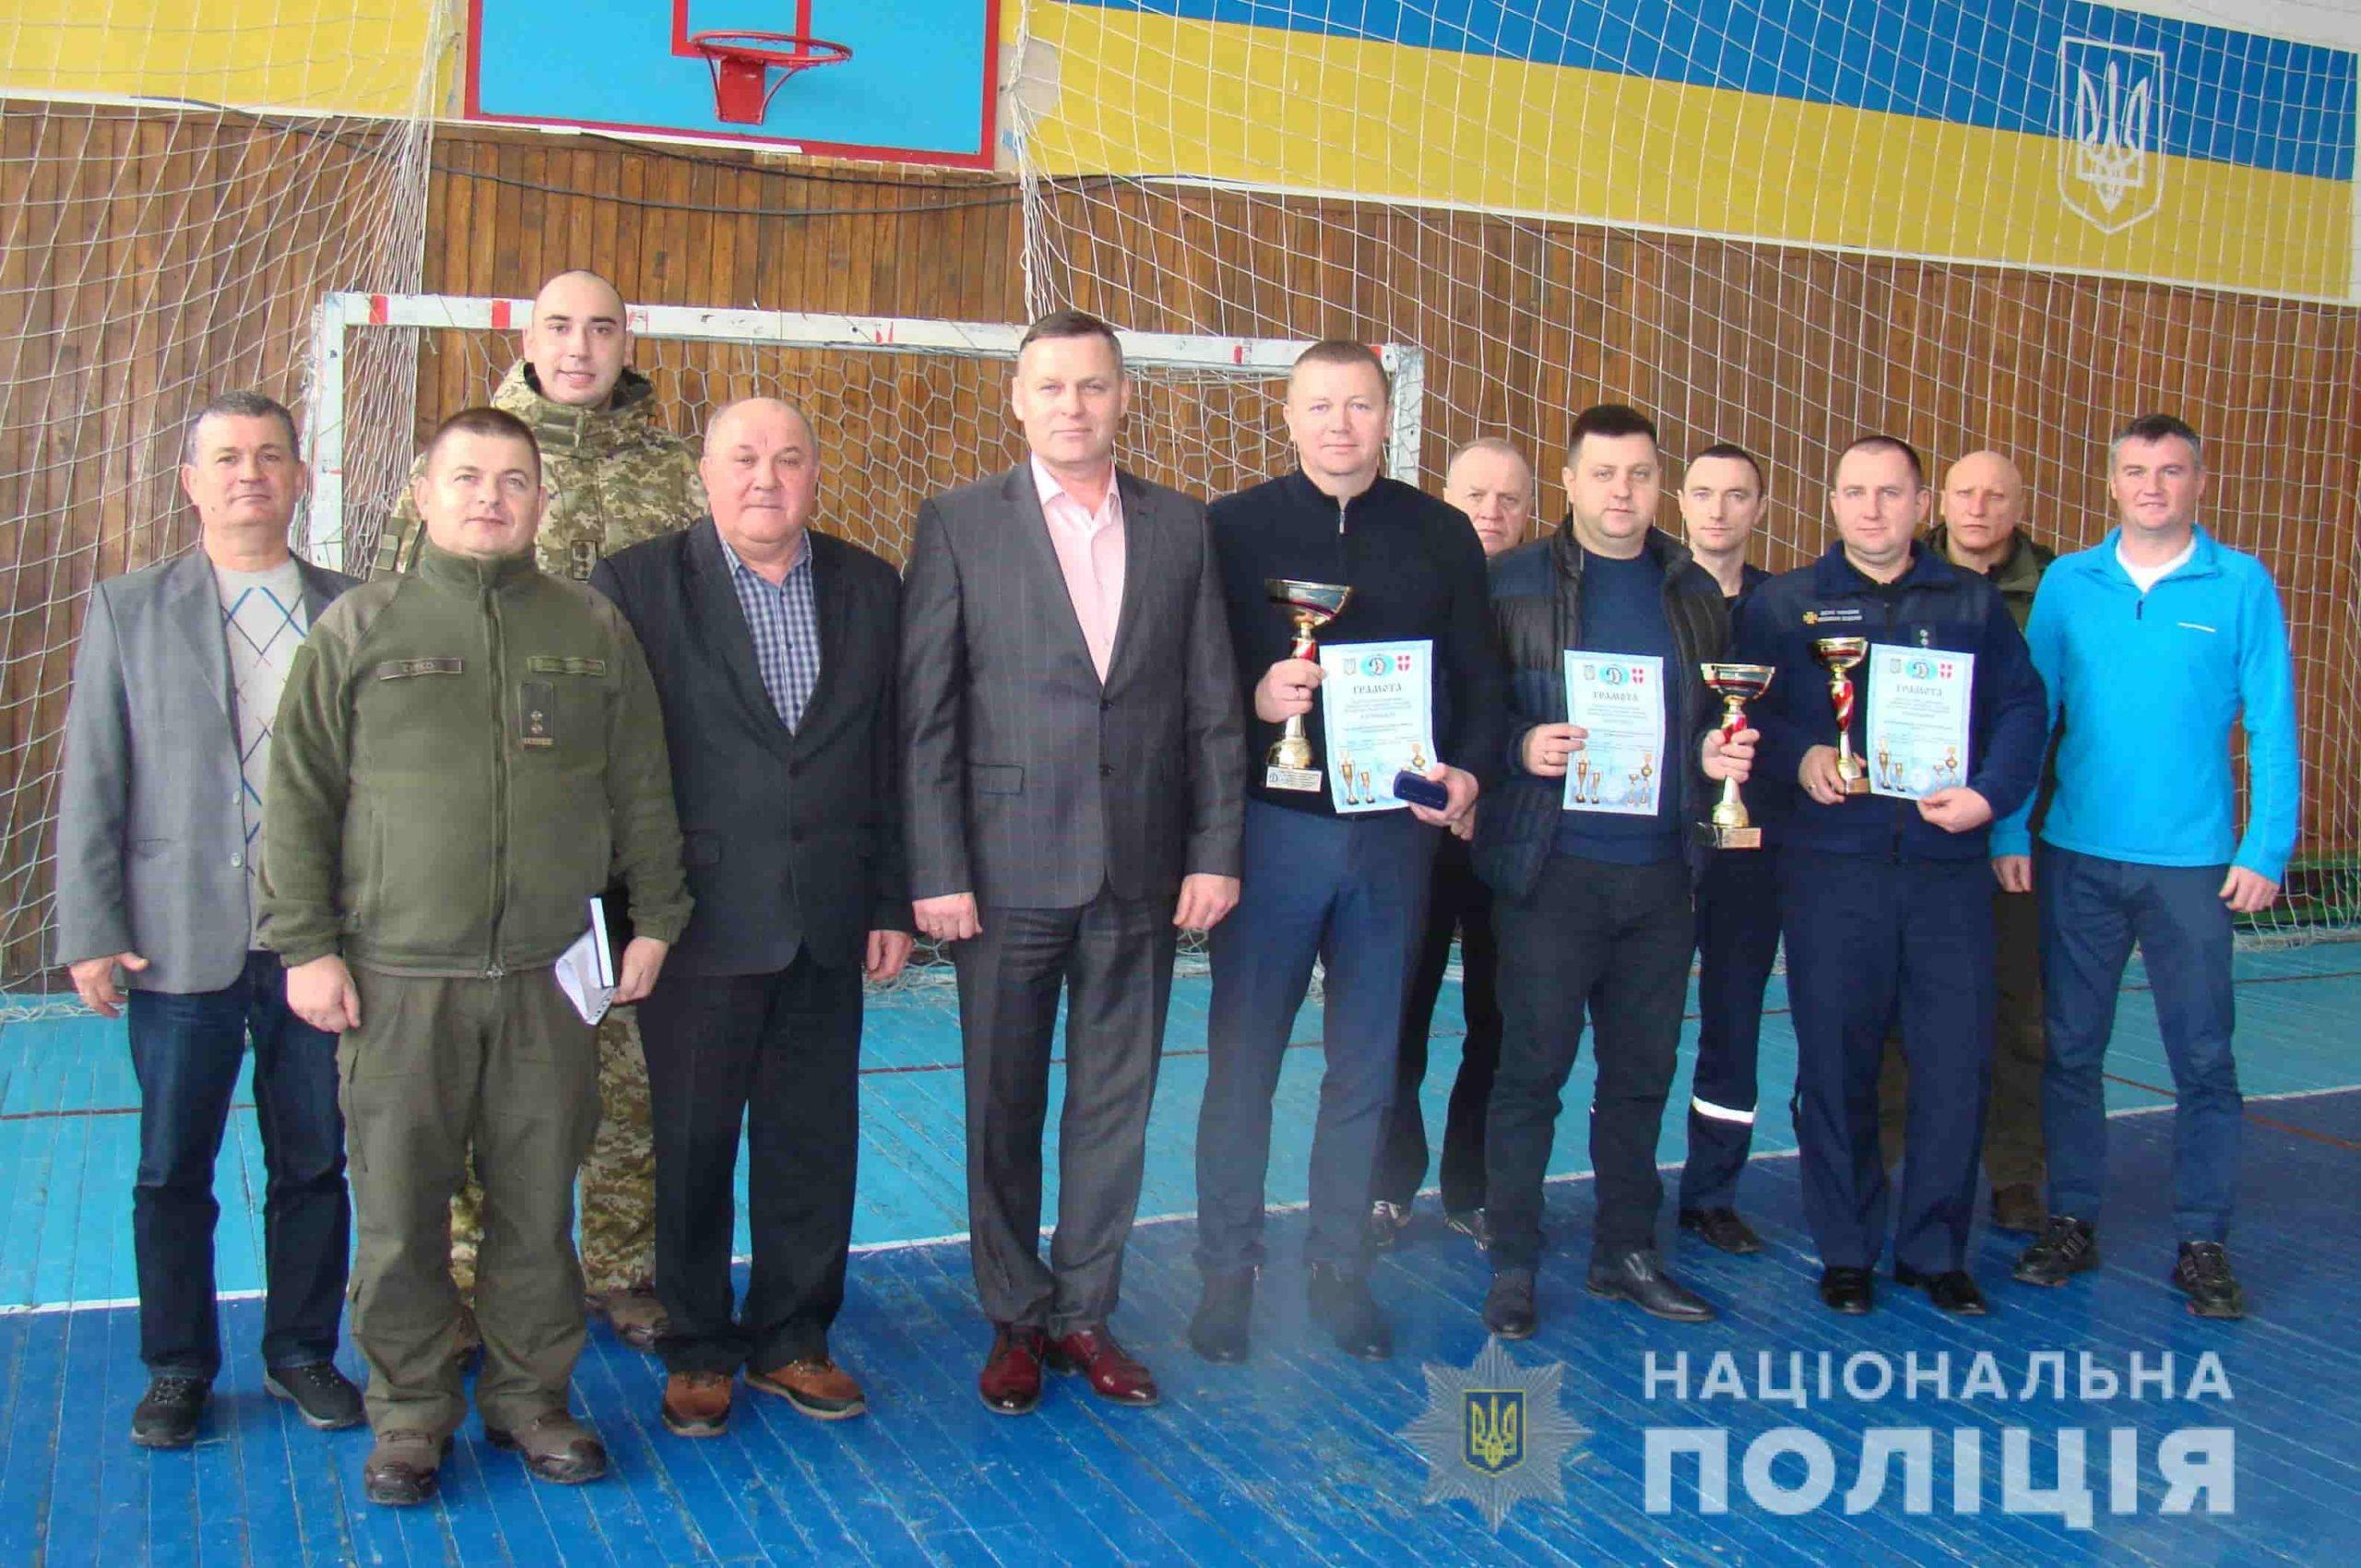 Волинських правоохоронців відзначили кубками та грамотами